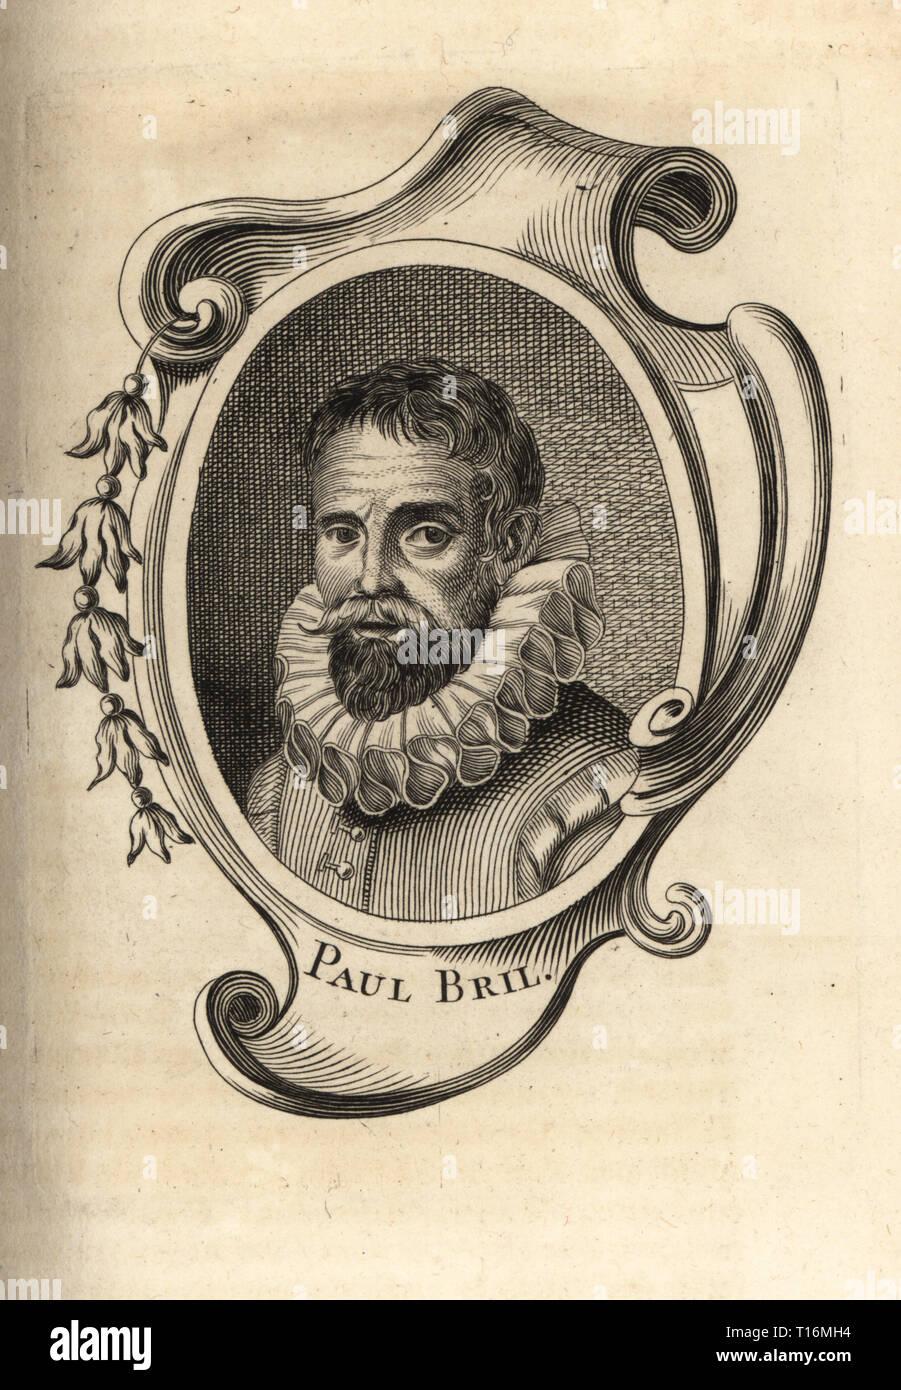 Portrait of Paul Bril, Flemish painter and printmaker 1554-1626. Copperplate engraving from Antoine-Joseph Dezallier d'Argenville's Abrege de la vie des plus fameux peintres, Lives of the most Famous Artists, de Bure l'Aine, Paris, 1762. - Stock Image